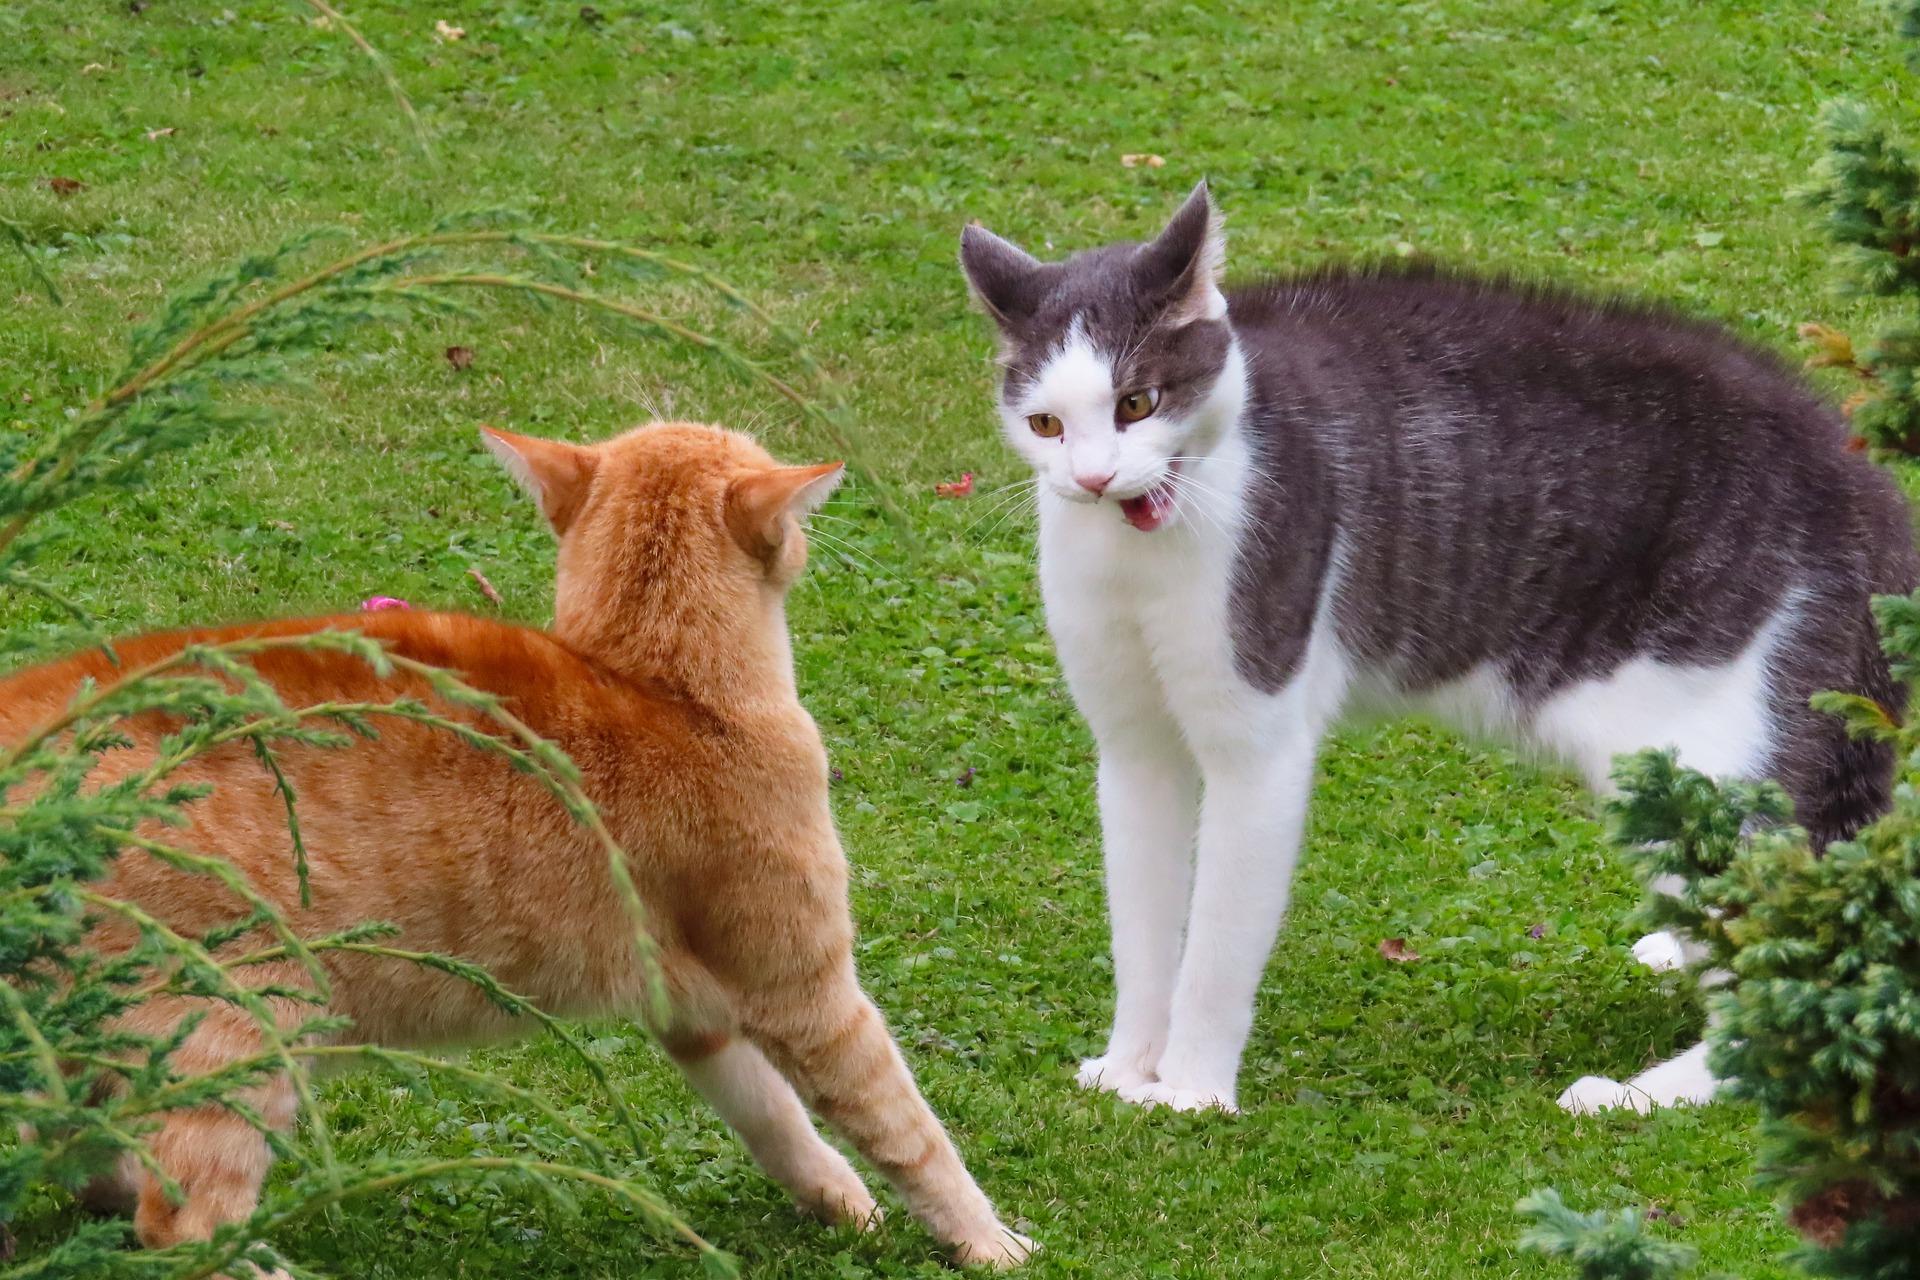 Los gatos pueden pelearse